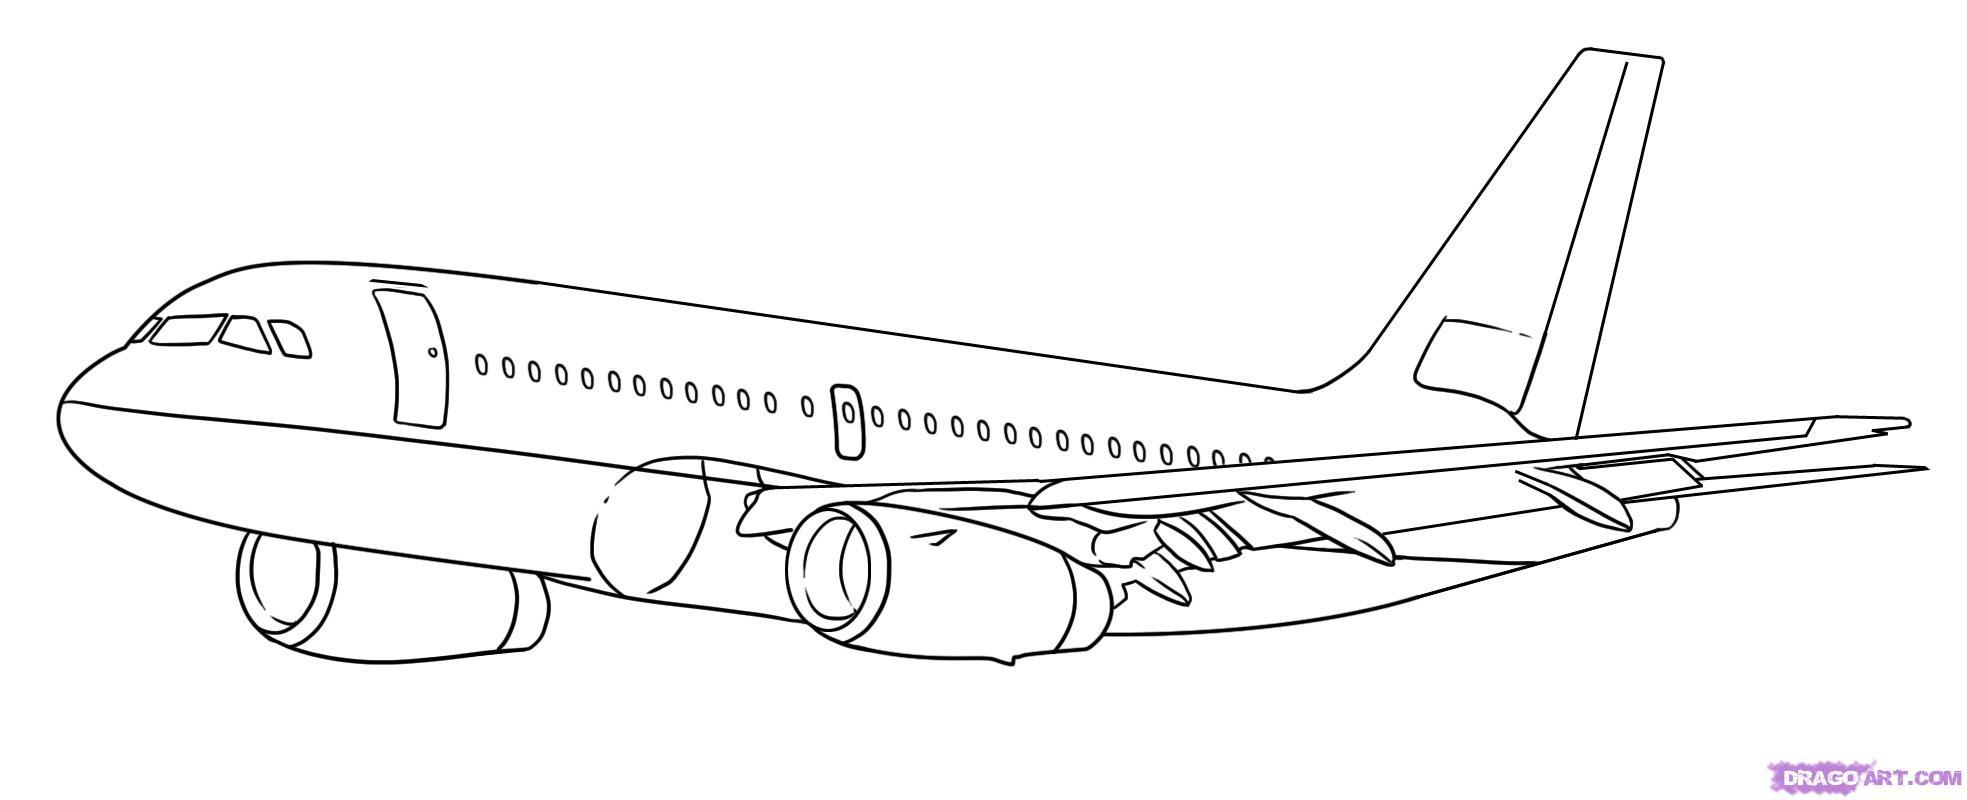 Рисуем самолет Боинг 787 - шаг 6